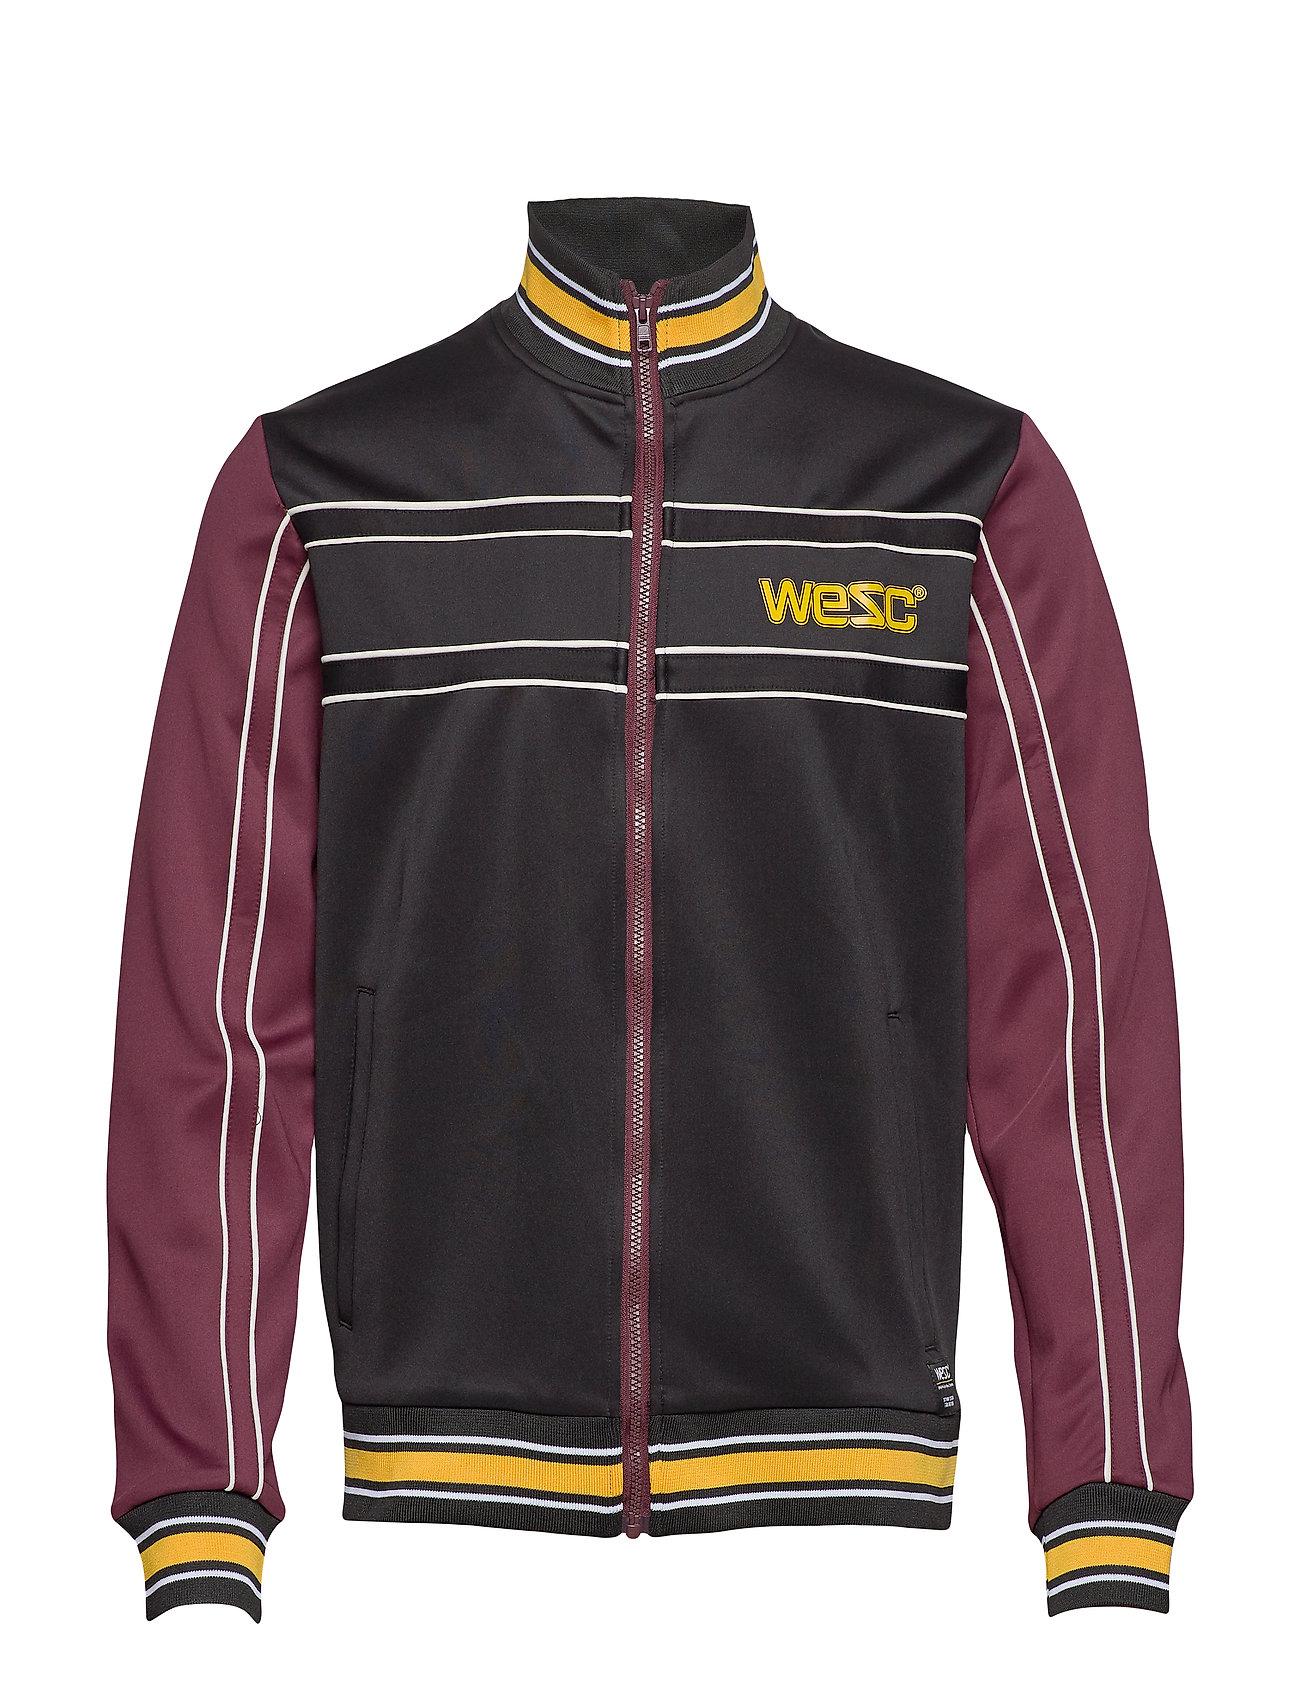 WeSC Marcus 1999 Track Jacket - ASSORTED